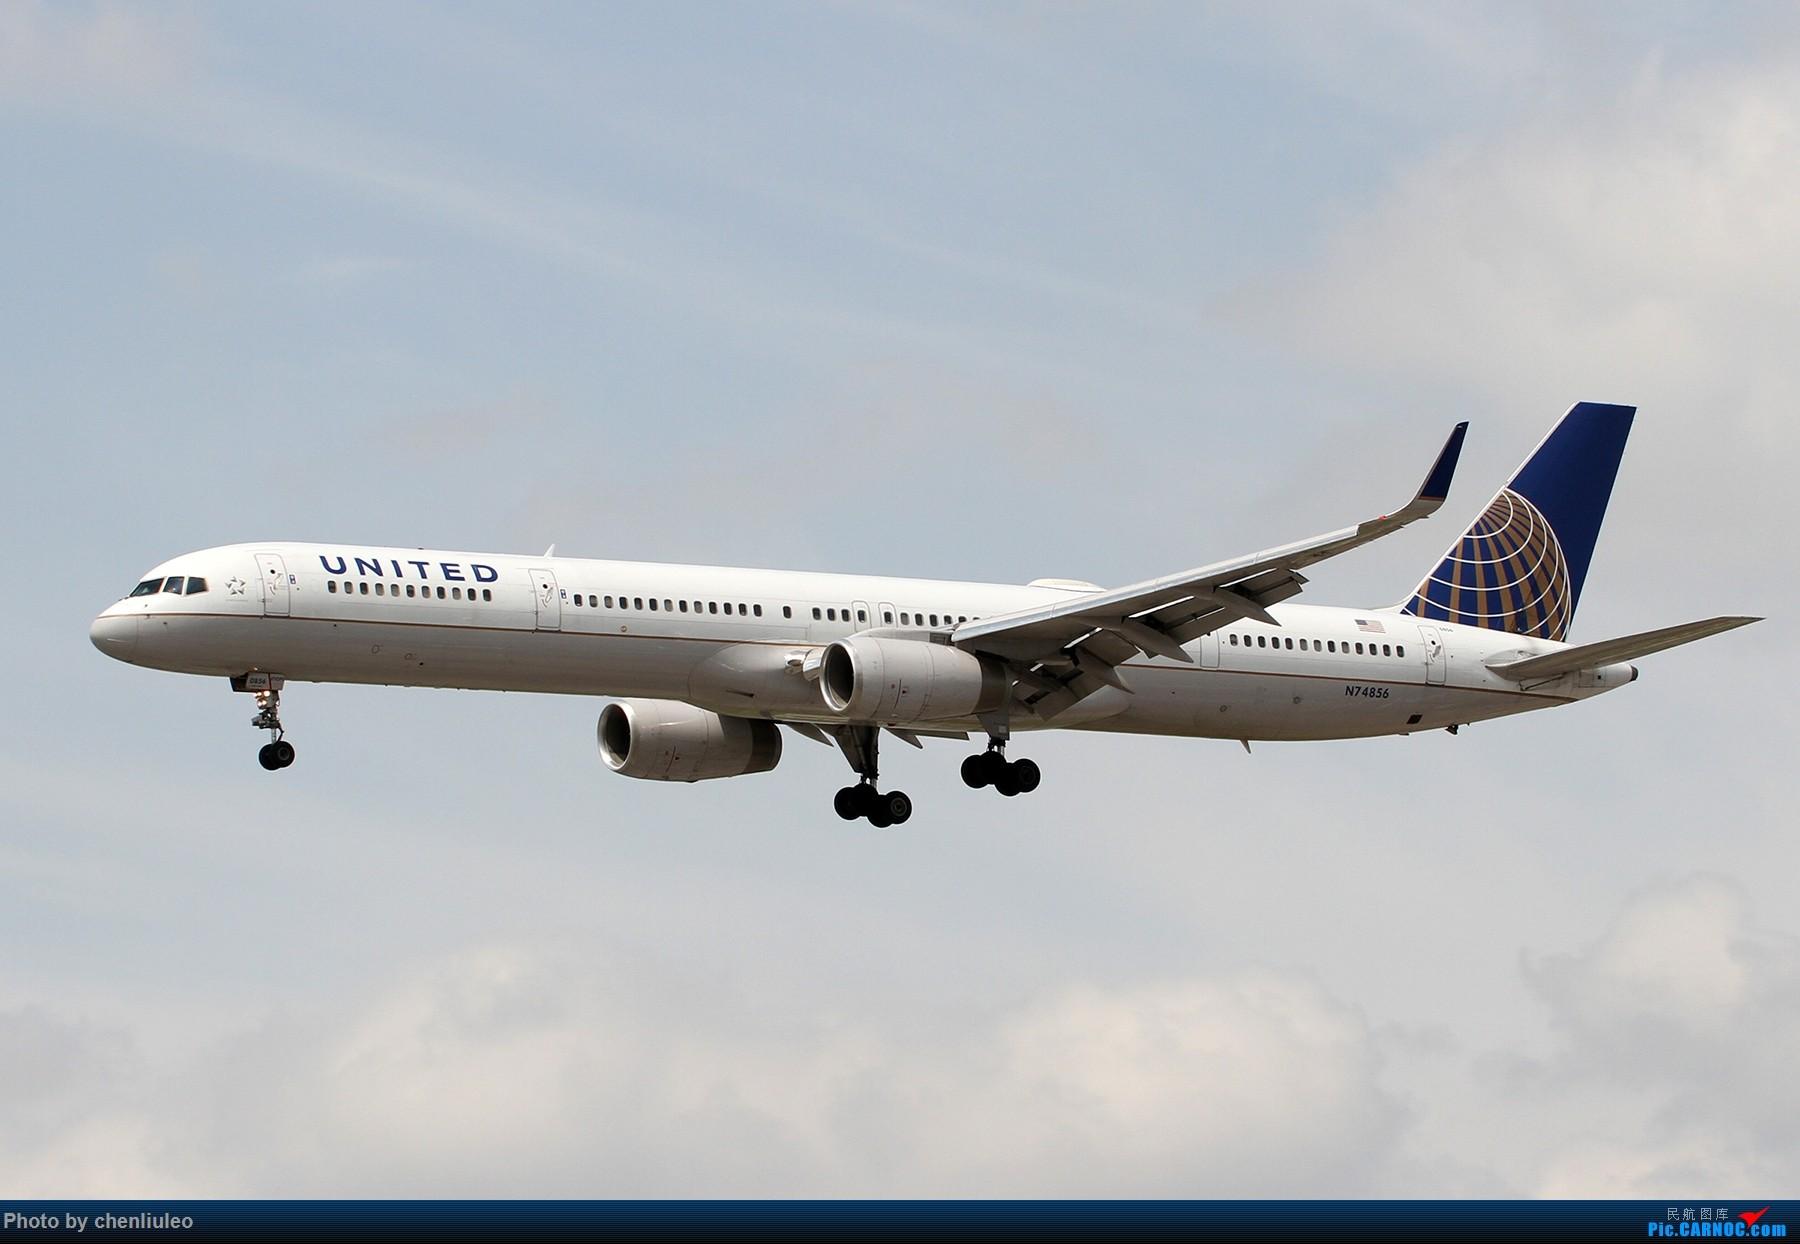 Re:[原创]【北美飞友会】芝加哥奥黑尔机场首拍 BOEING 757-300 N74856 美国芝加哥奥黑尔国际机场